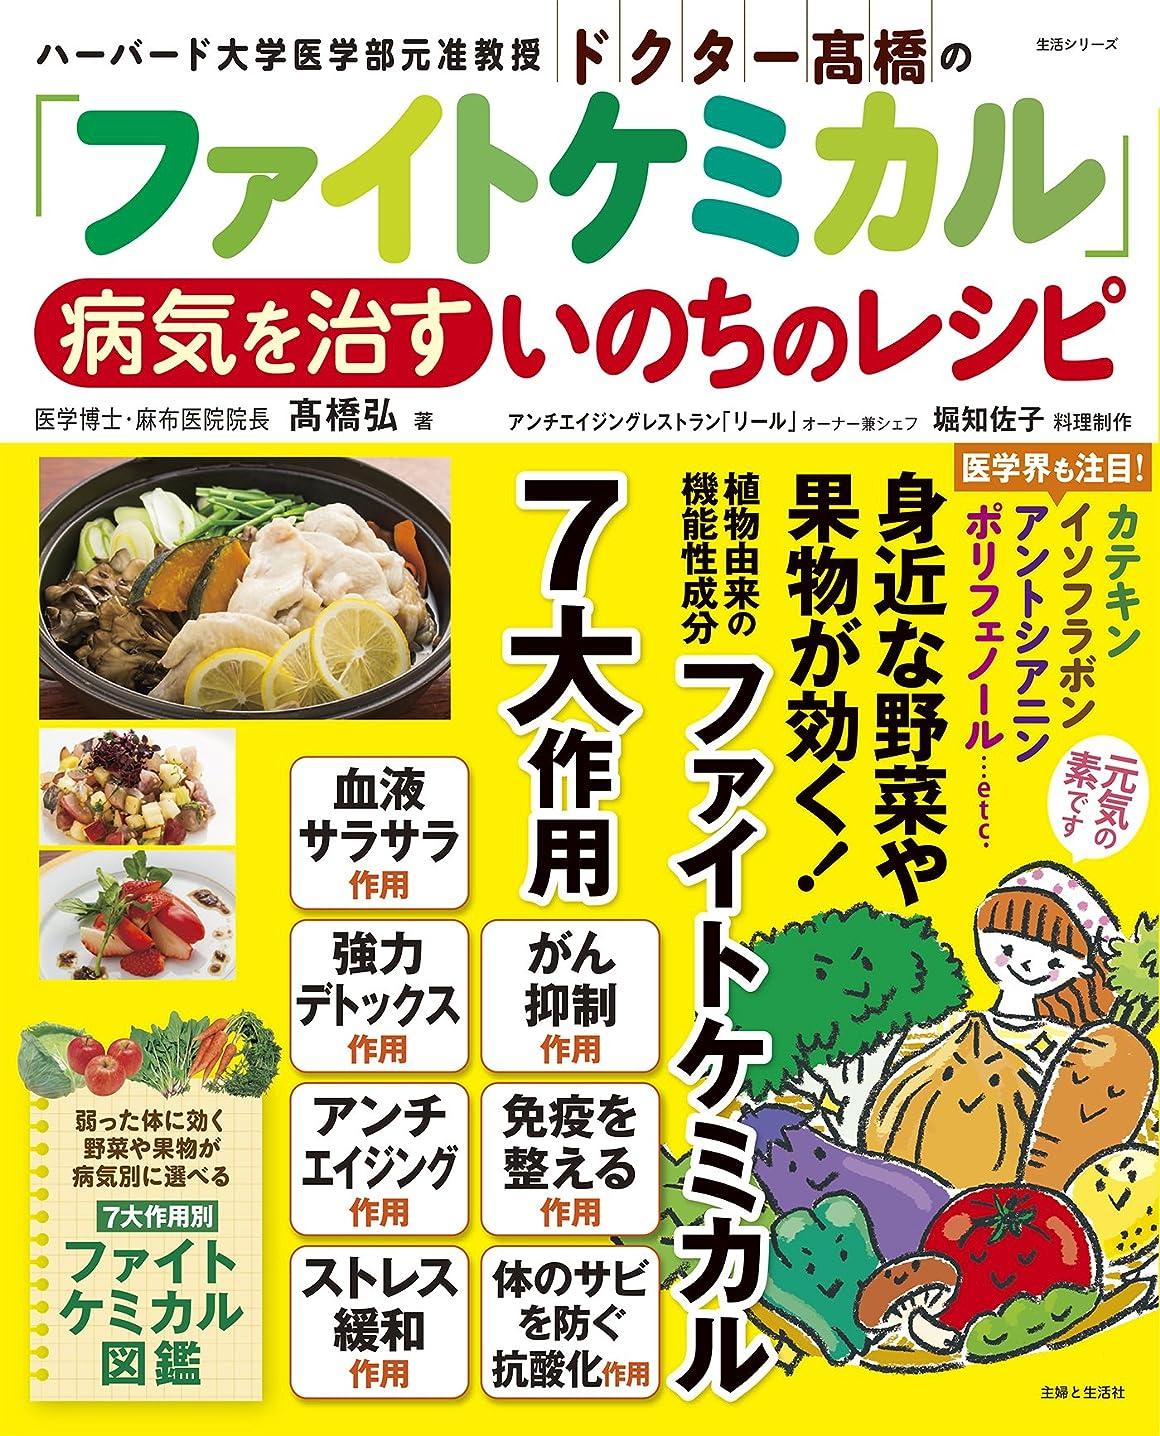 パンアクセシブル白菜ドクター高橋の「ファイトケミカル」 病気を治すいのちのレシピ